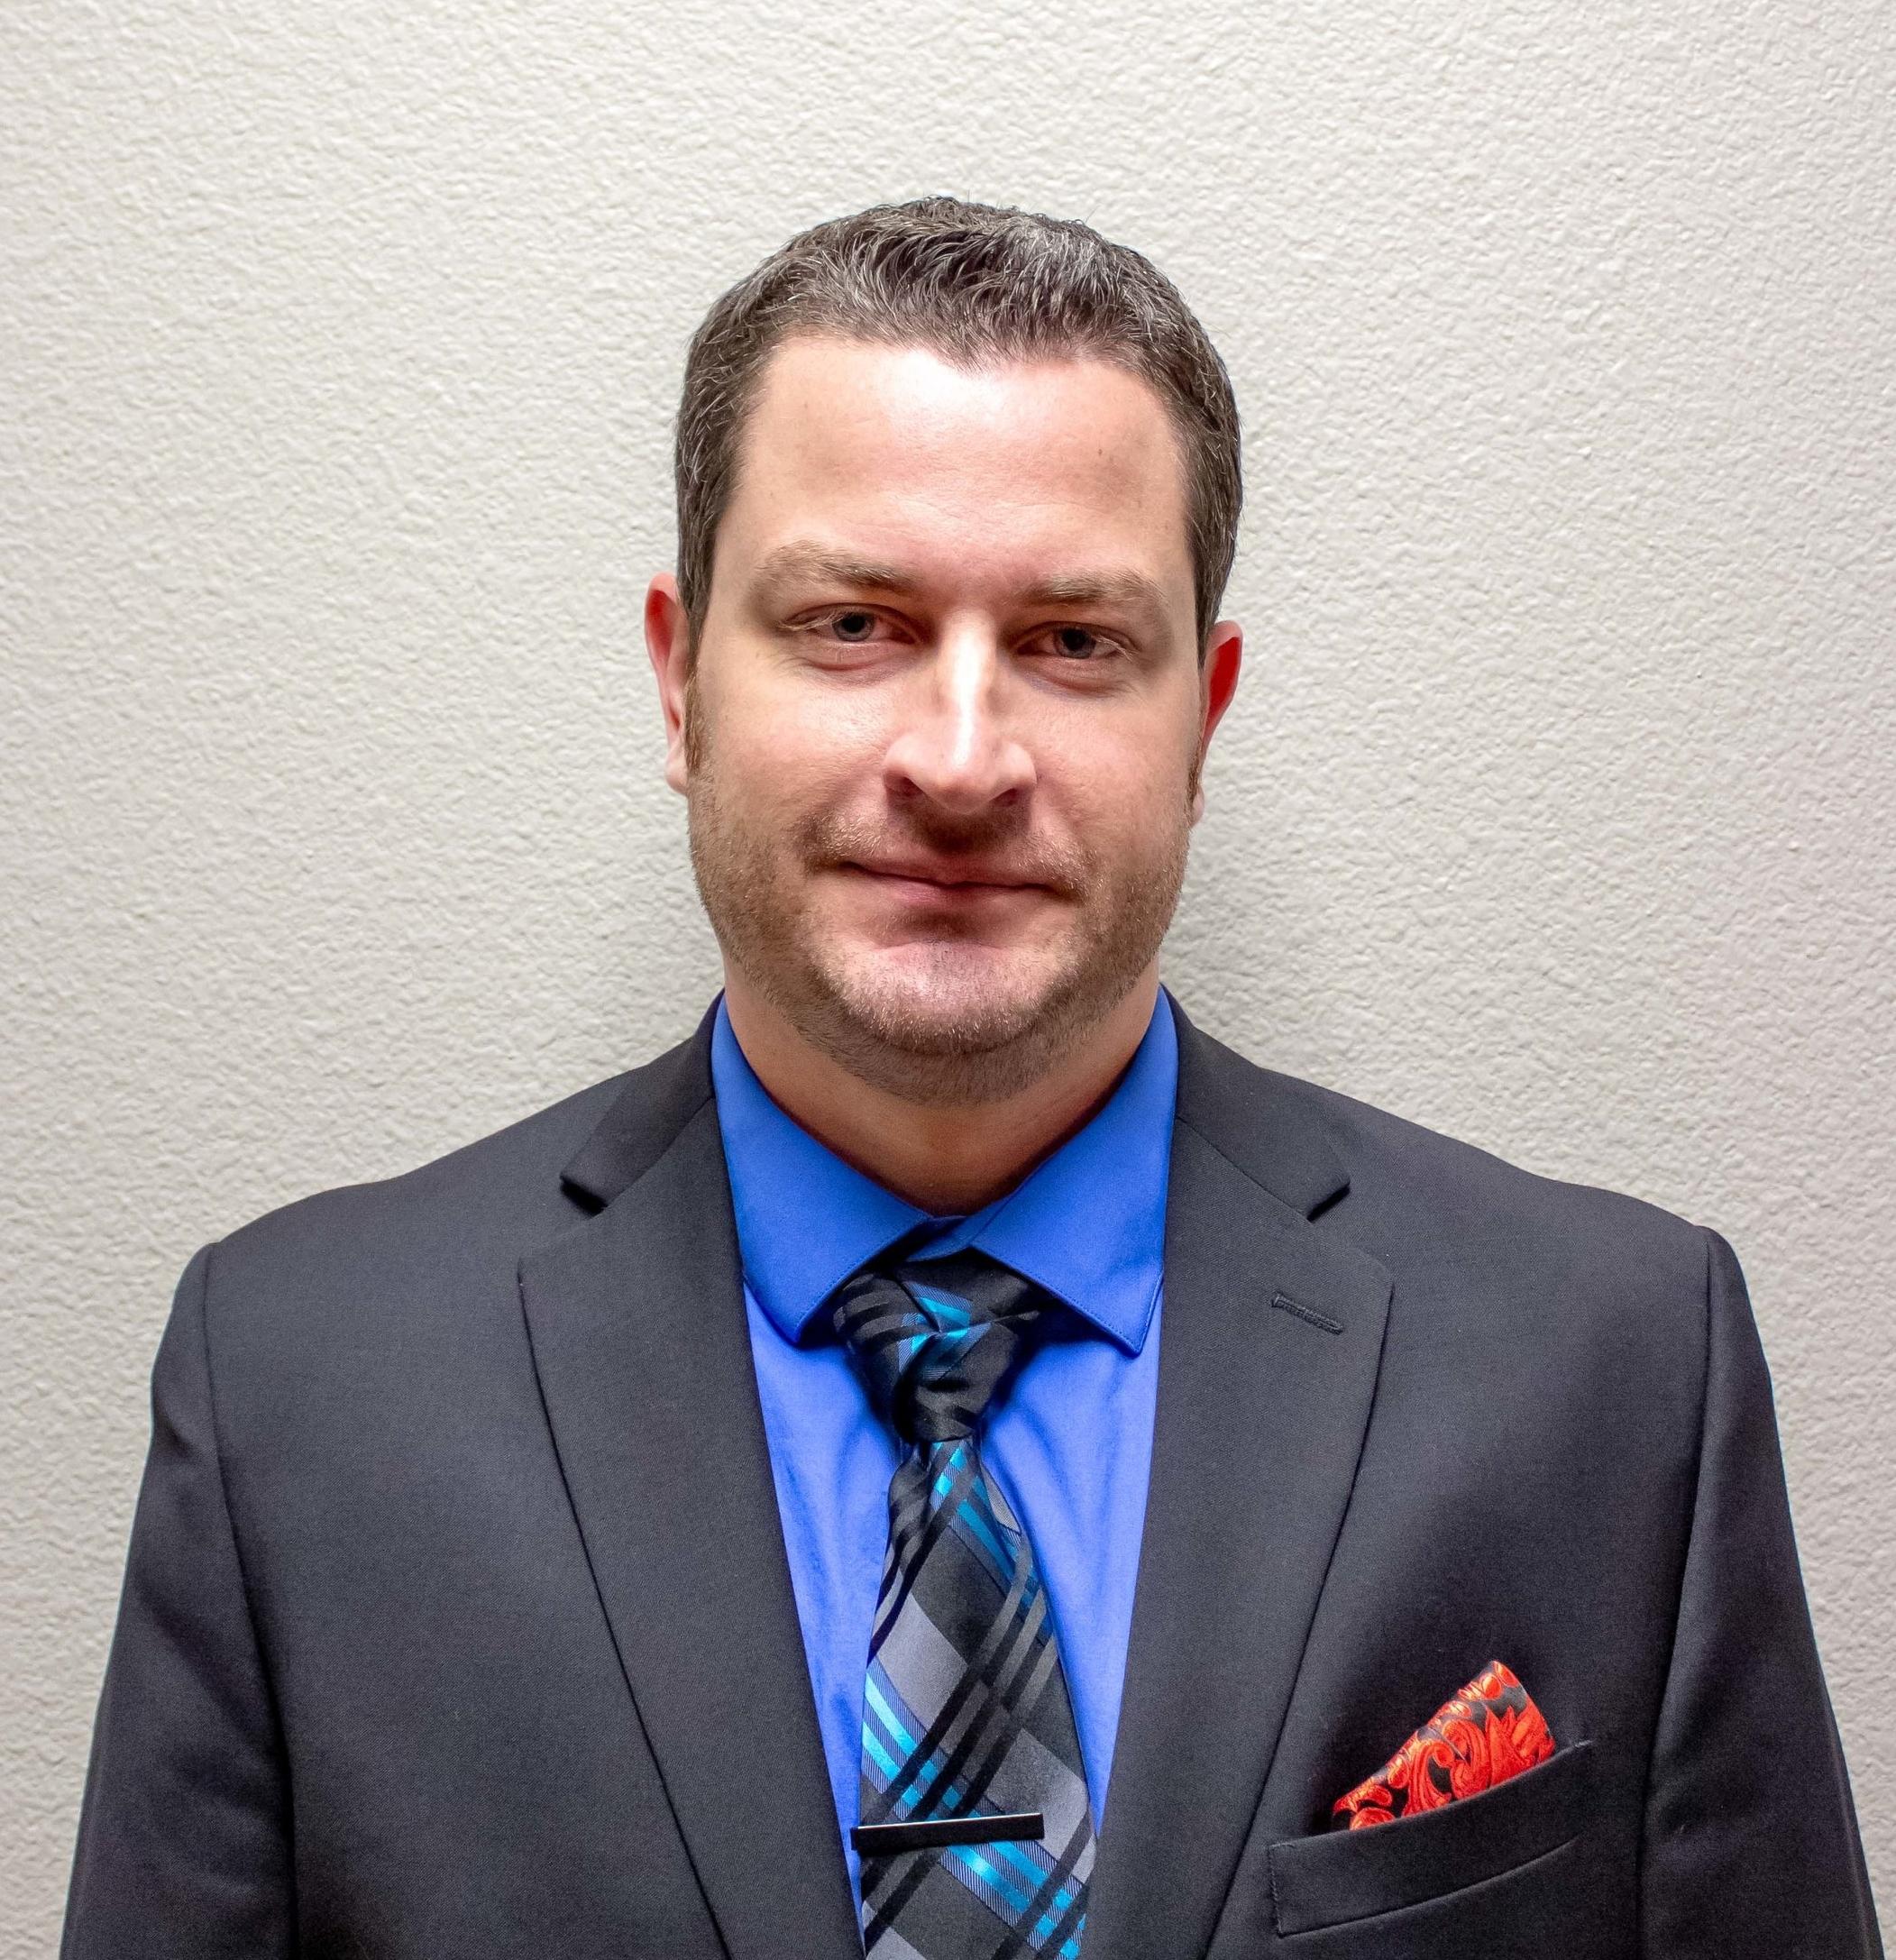 Jeremy Odneal